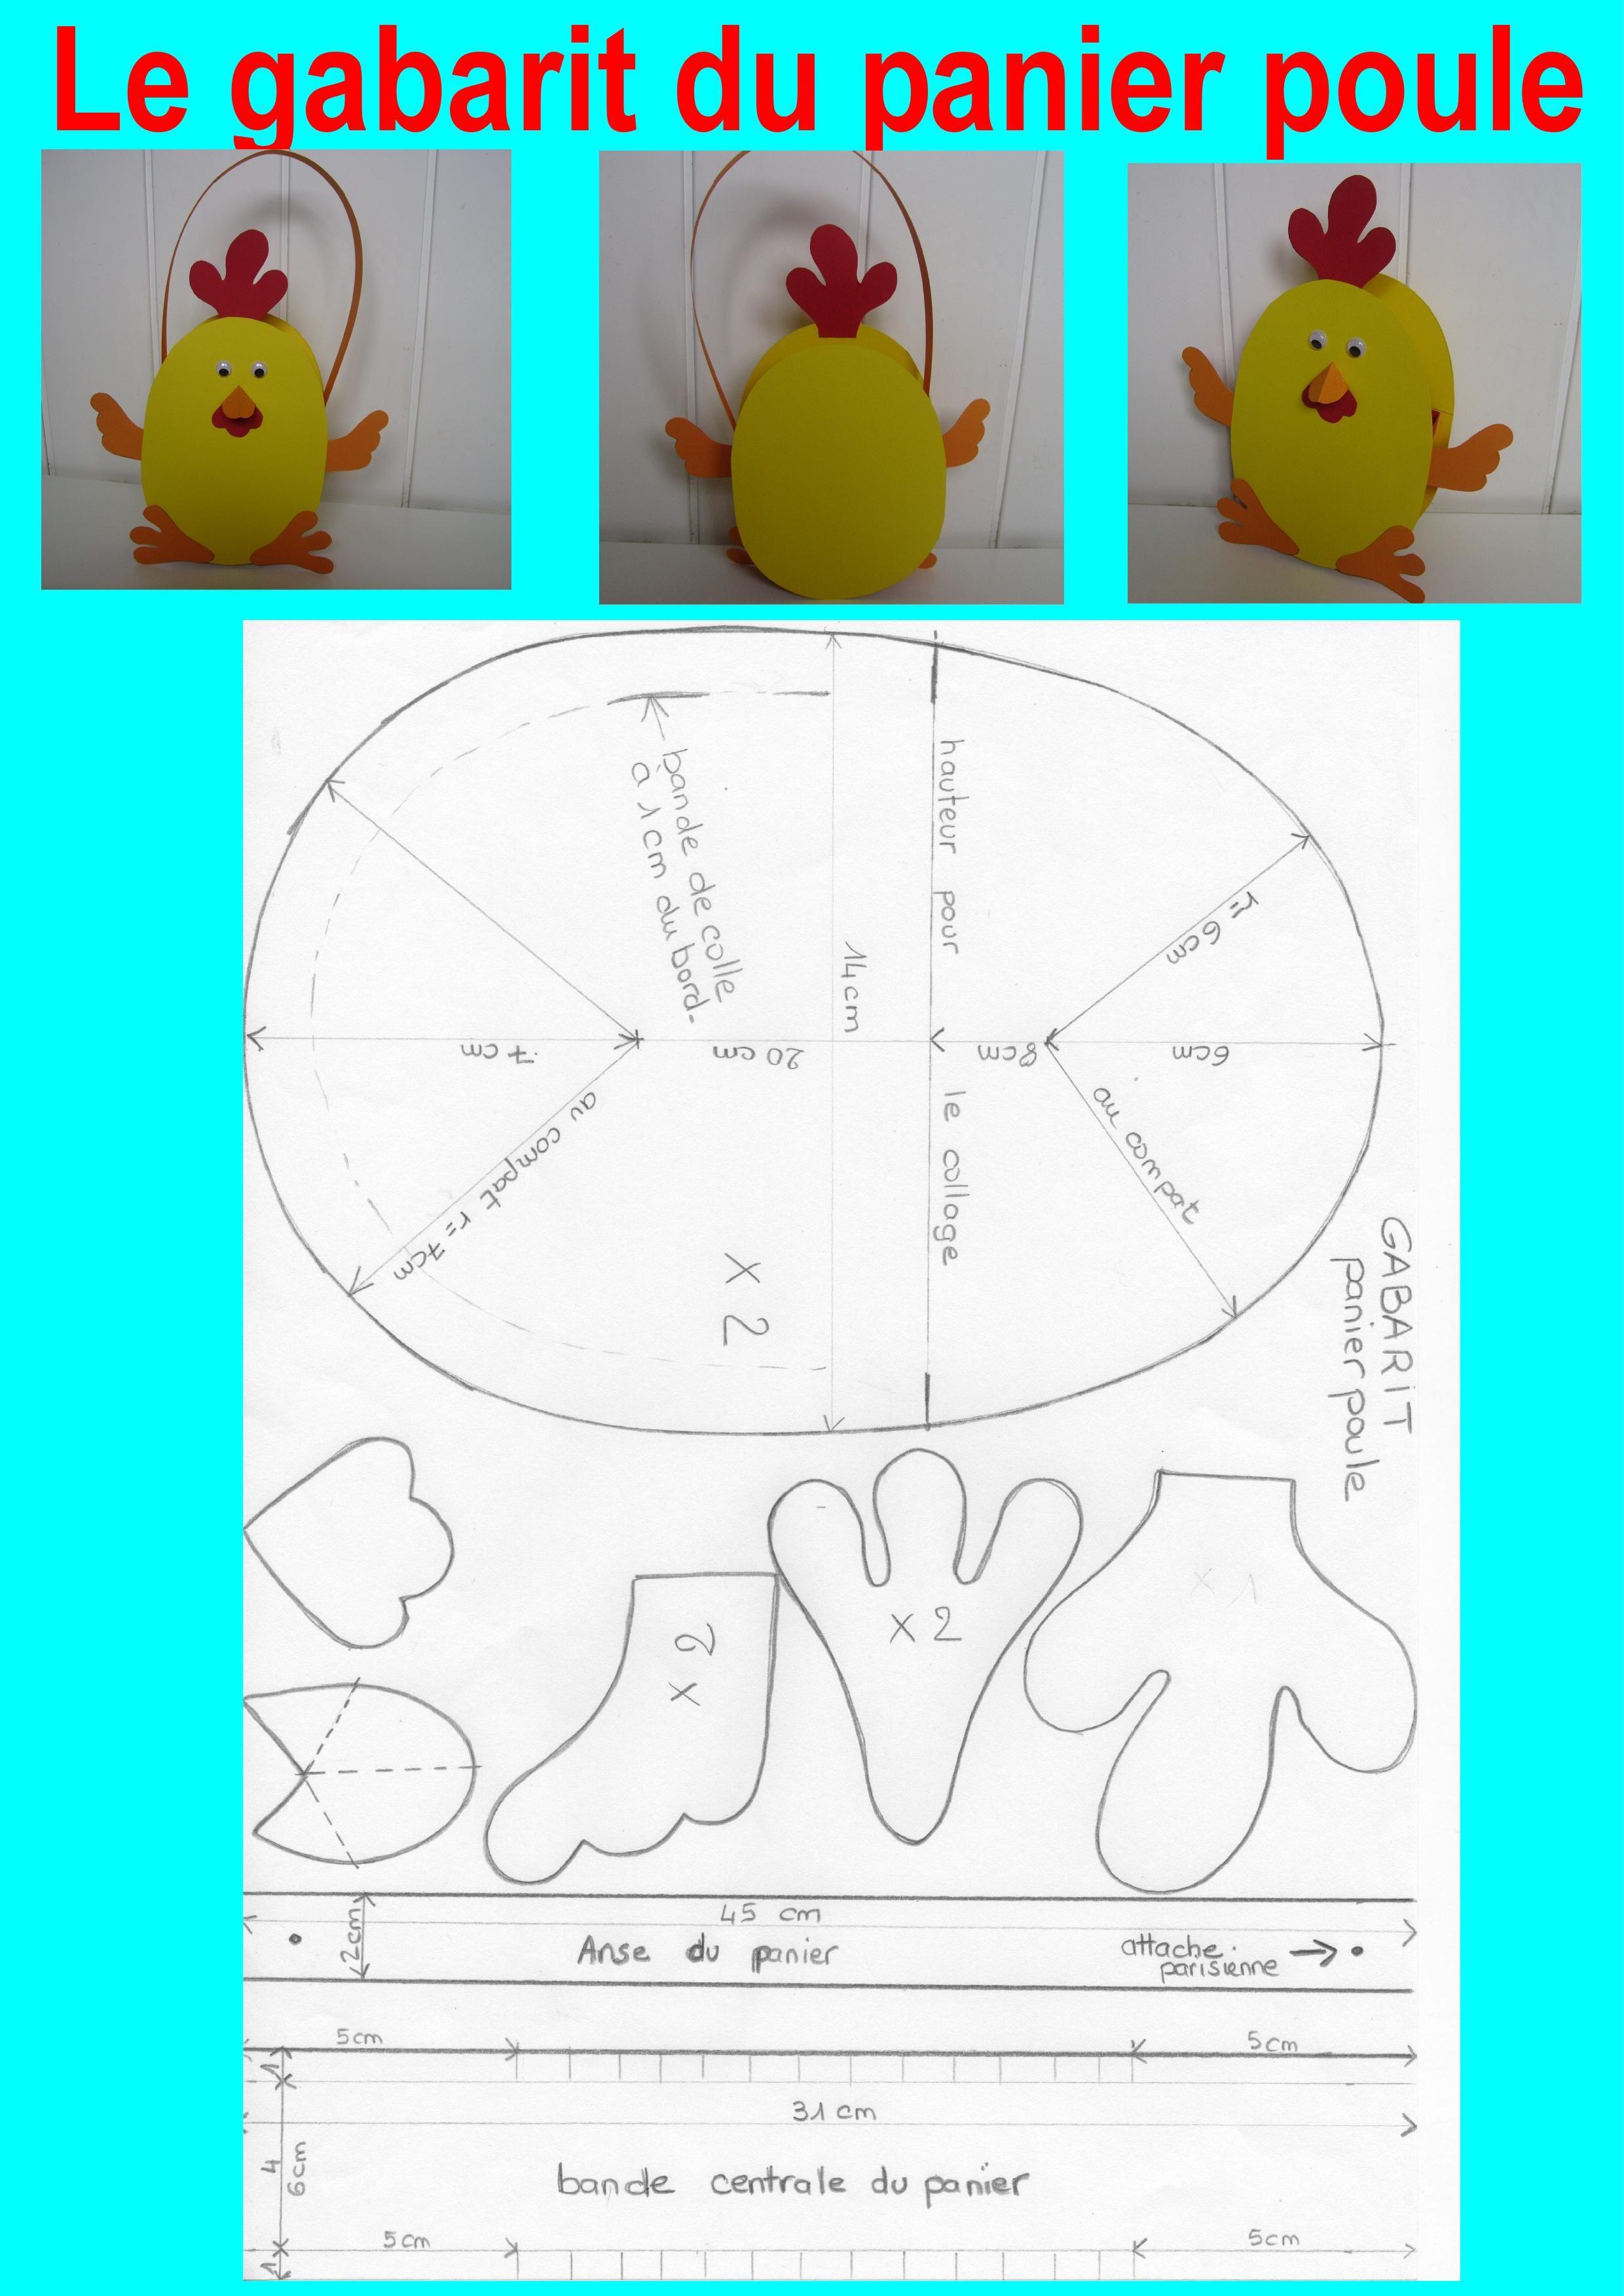 Gabarit Du Panier Poule Pour Pâques | Panier De Pâques à Bricolage Pour Paques Maternelle